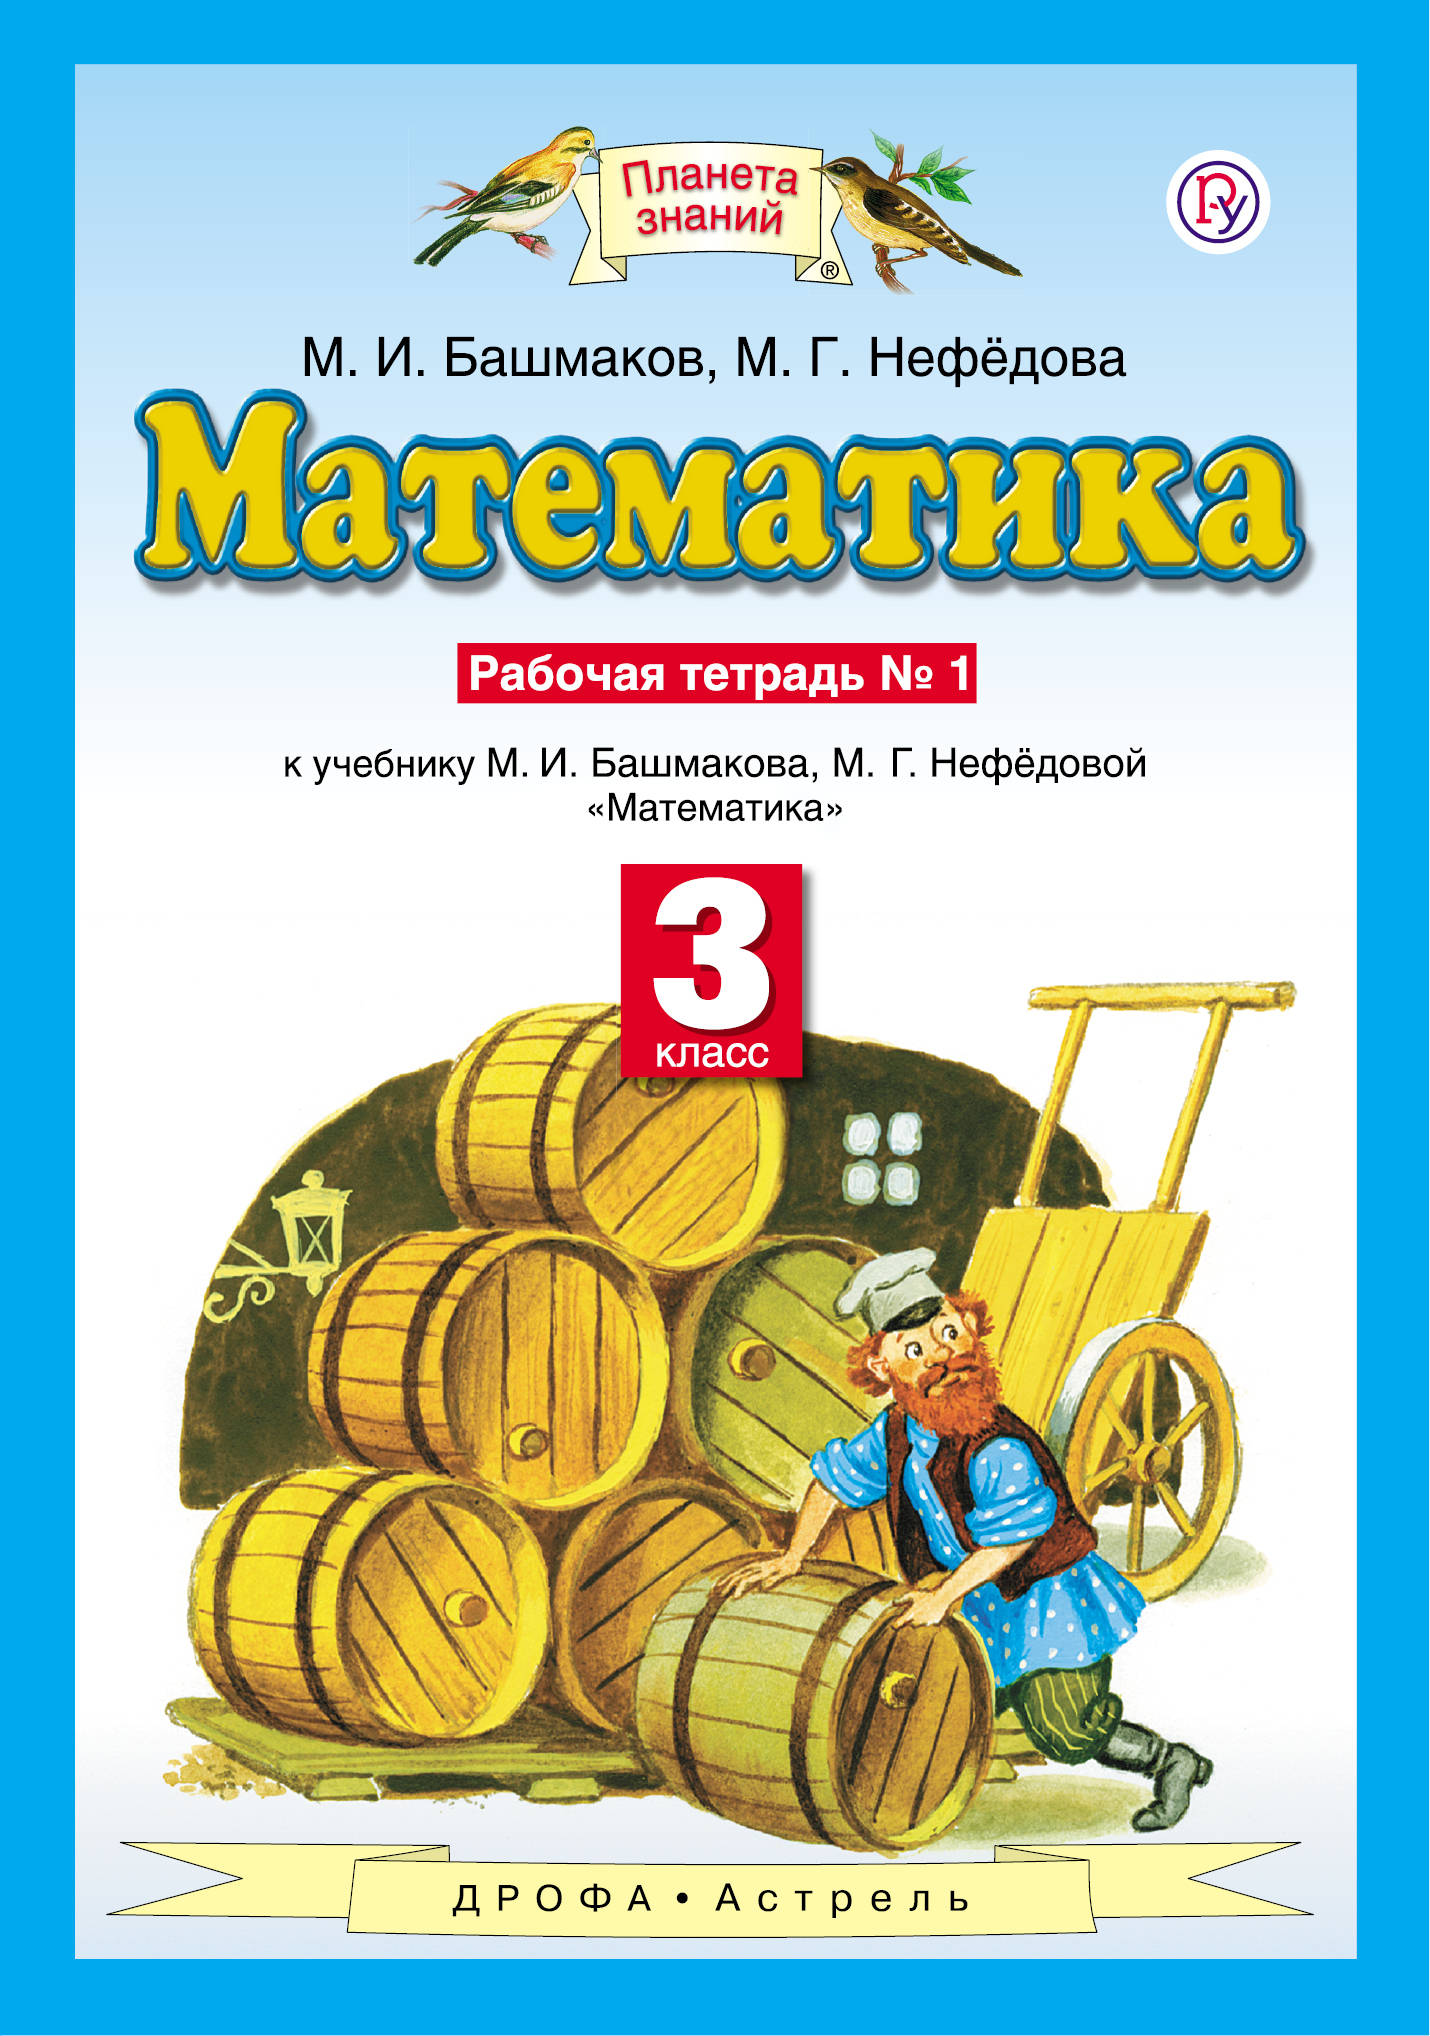 Башмаков Марк Иванович Математика. 3 класс. Рабочая тетрадь № 1. В 2 частях. Часть 1